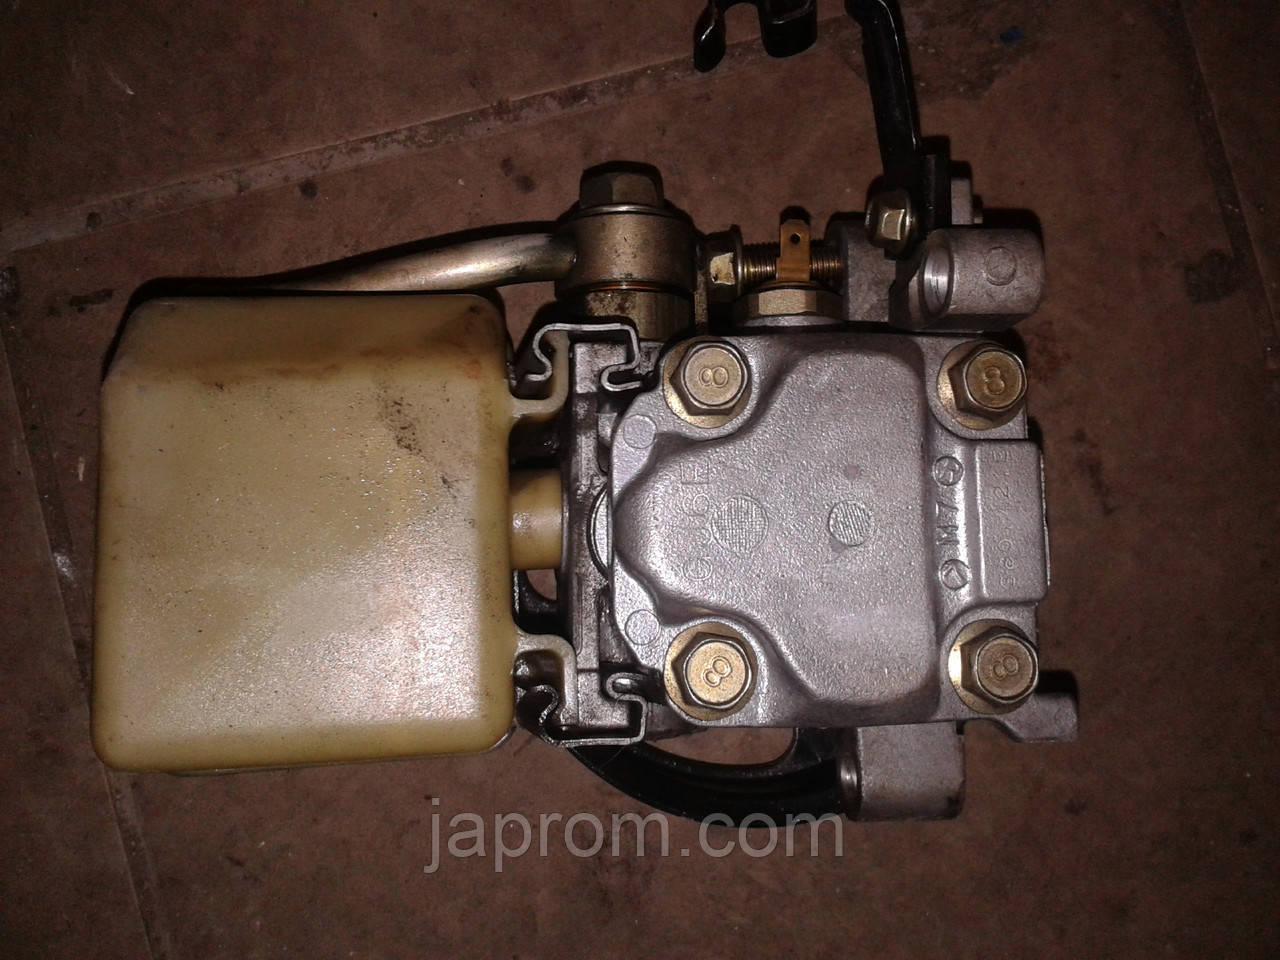 Насос гидроусилителя руля Mazda 6 GG (Mazda Atenza) 2002-2007г.в. бензин